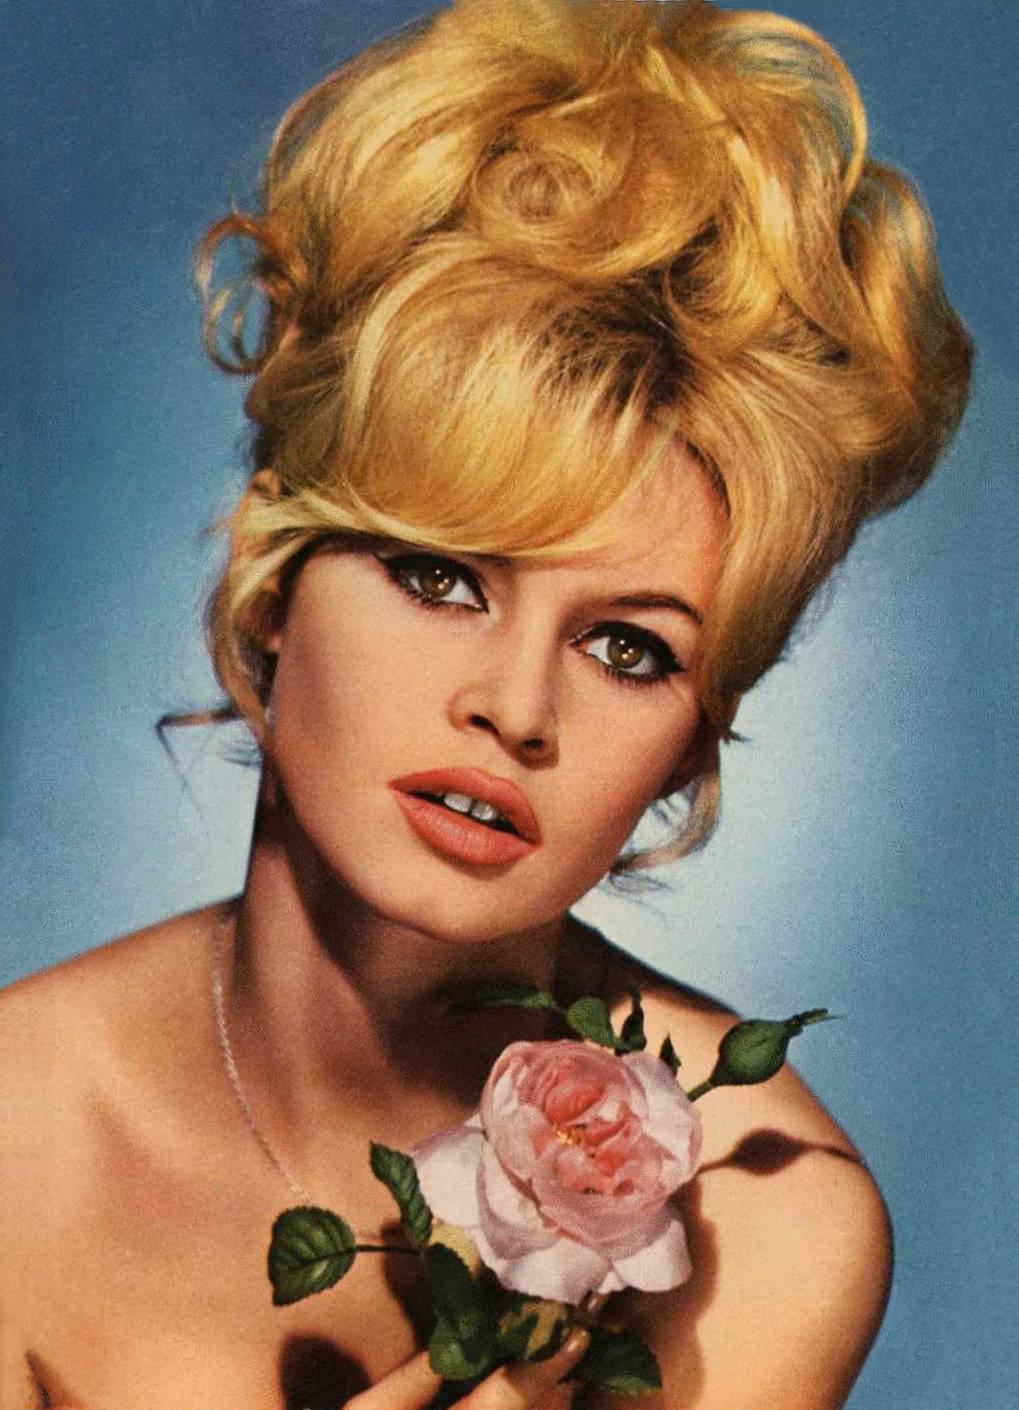 Personnes célèbres réelles ou imaginaires - Page 2 Brigitte-bardot--6251